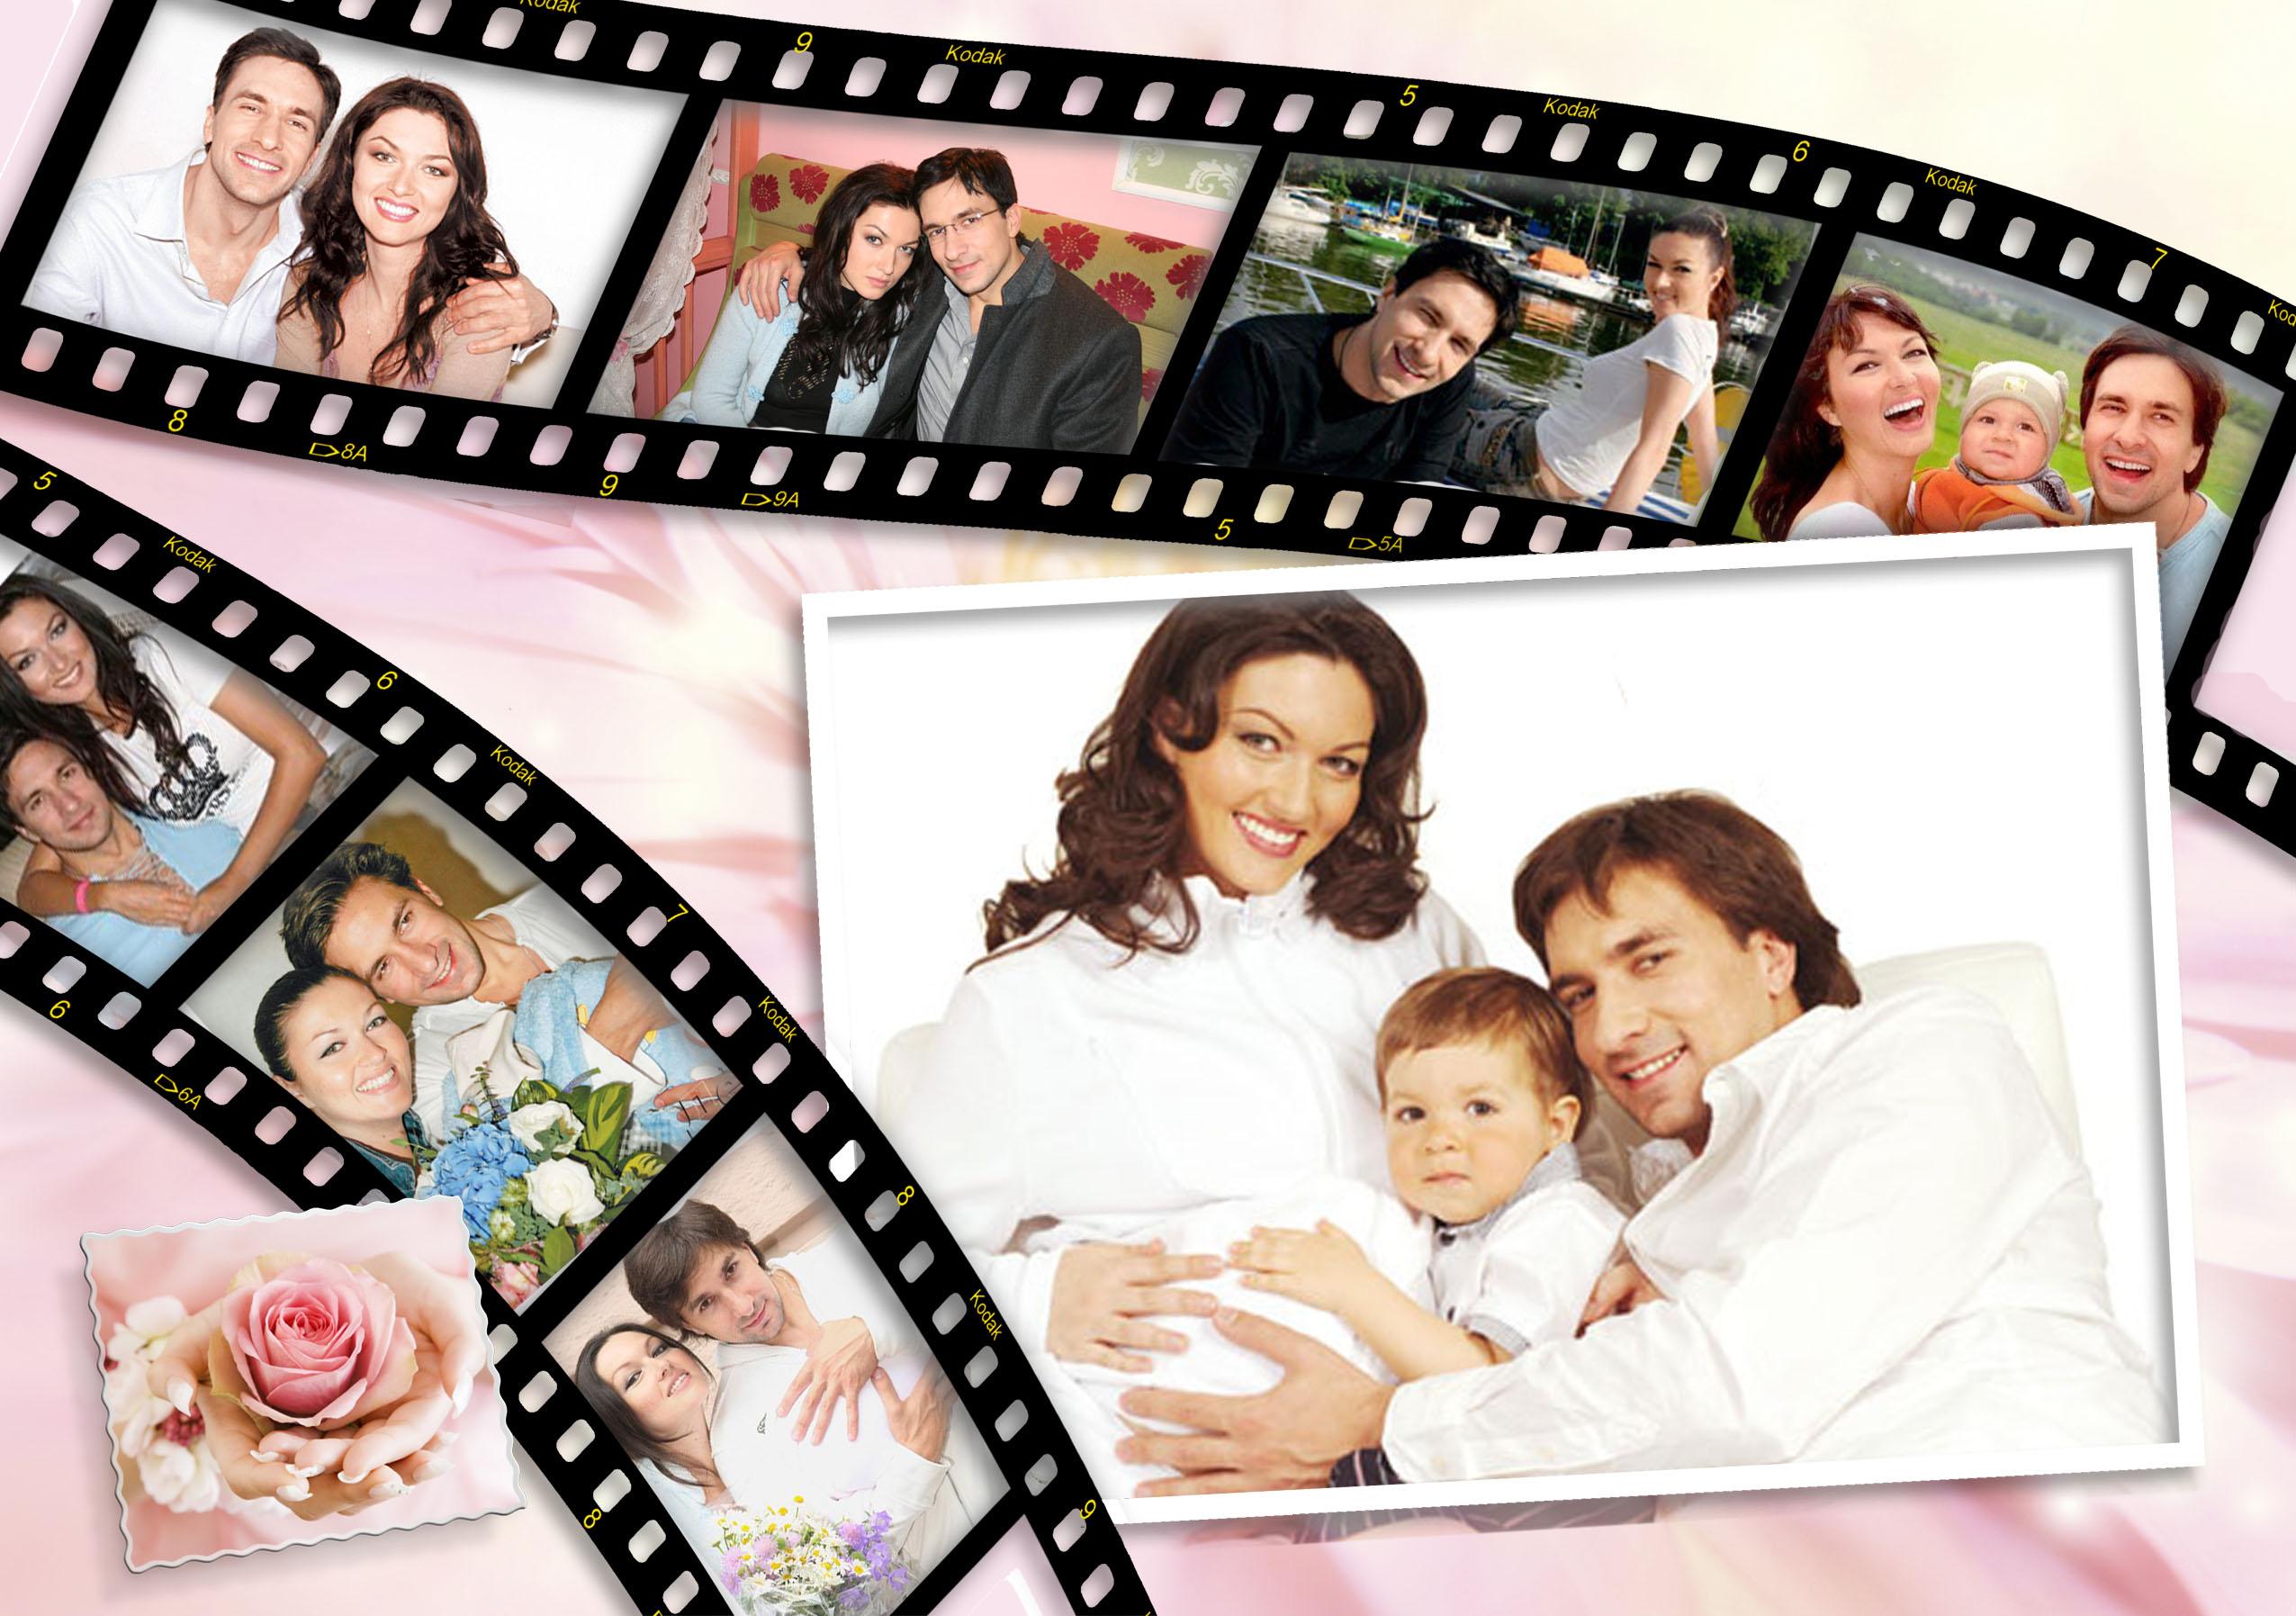 Сделать открытку онлайн из нескольких фотографий